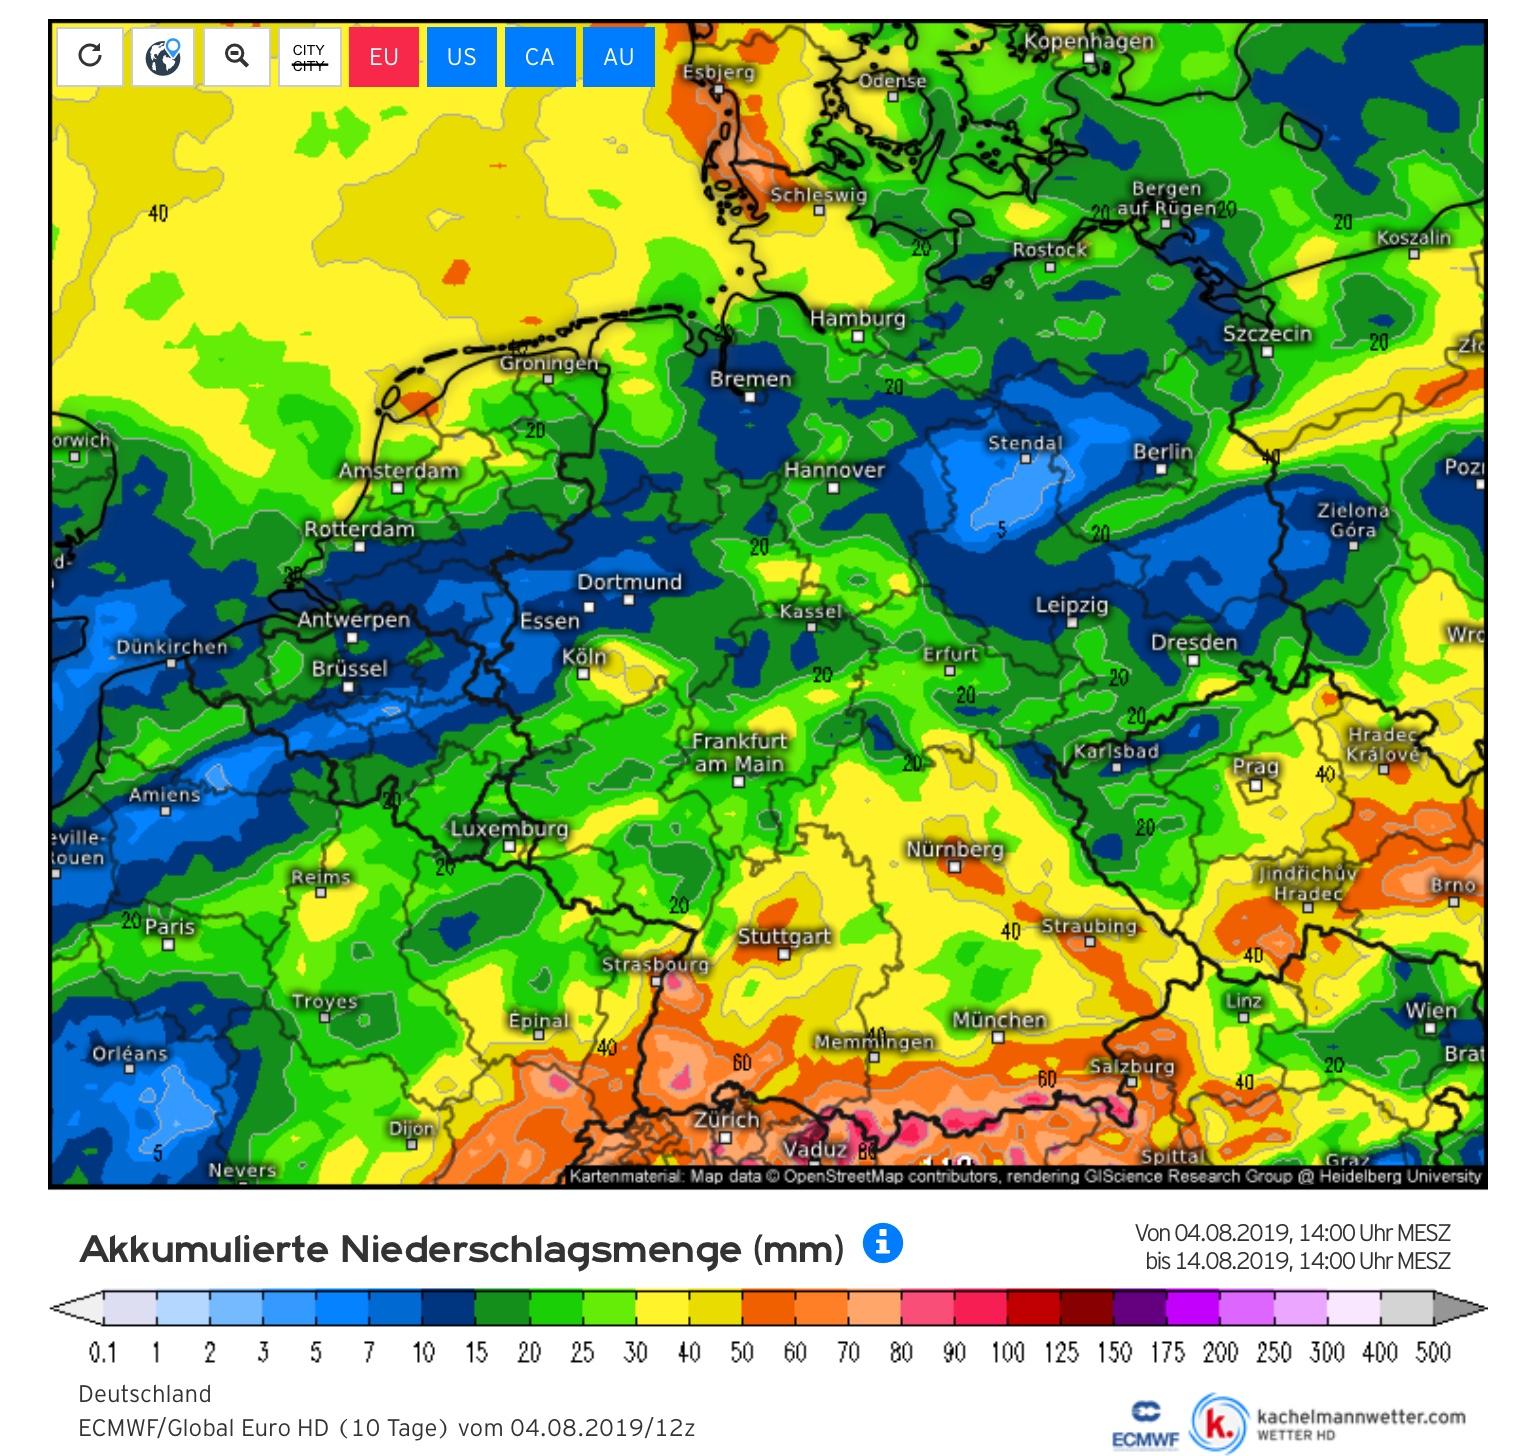 Neerslagverdeling komende 10 dagen in de stroomgebieden van Rijn en Maas (bron Kachelmannwetter.com)